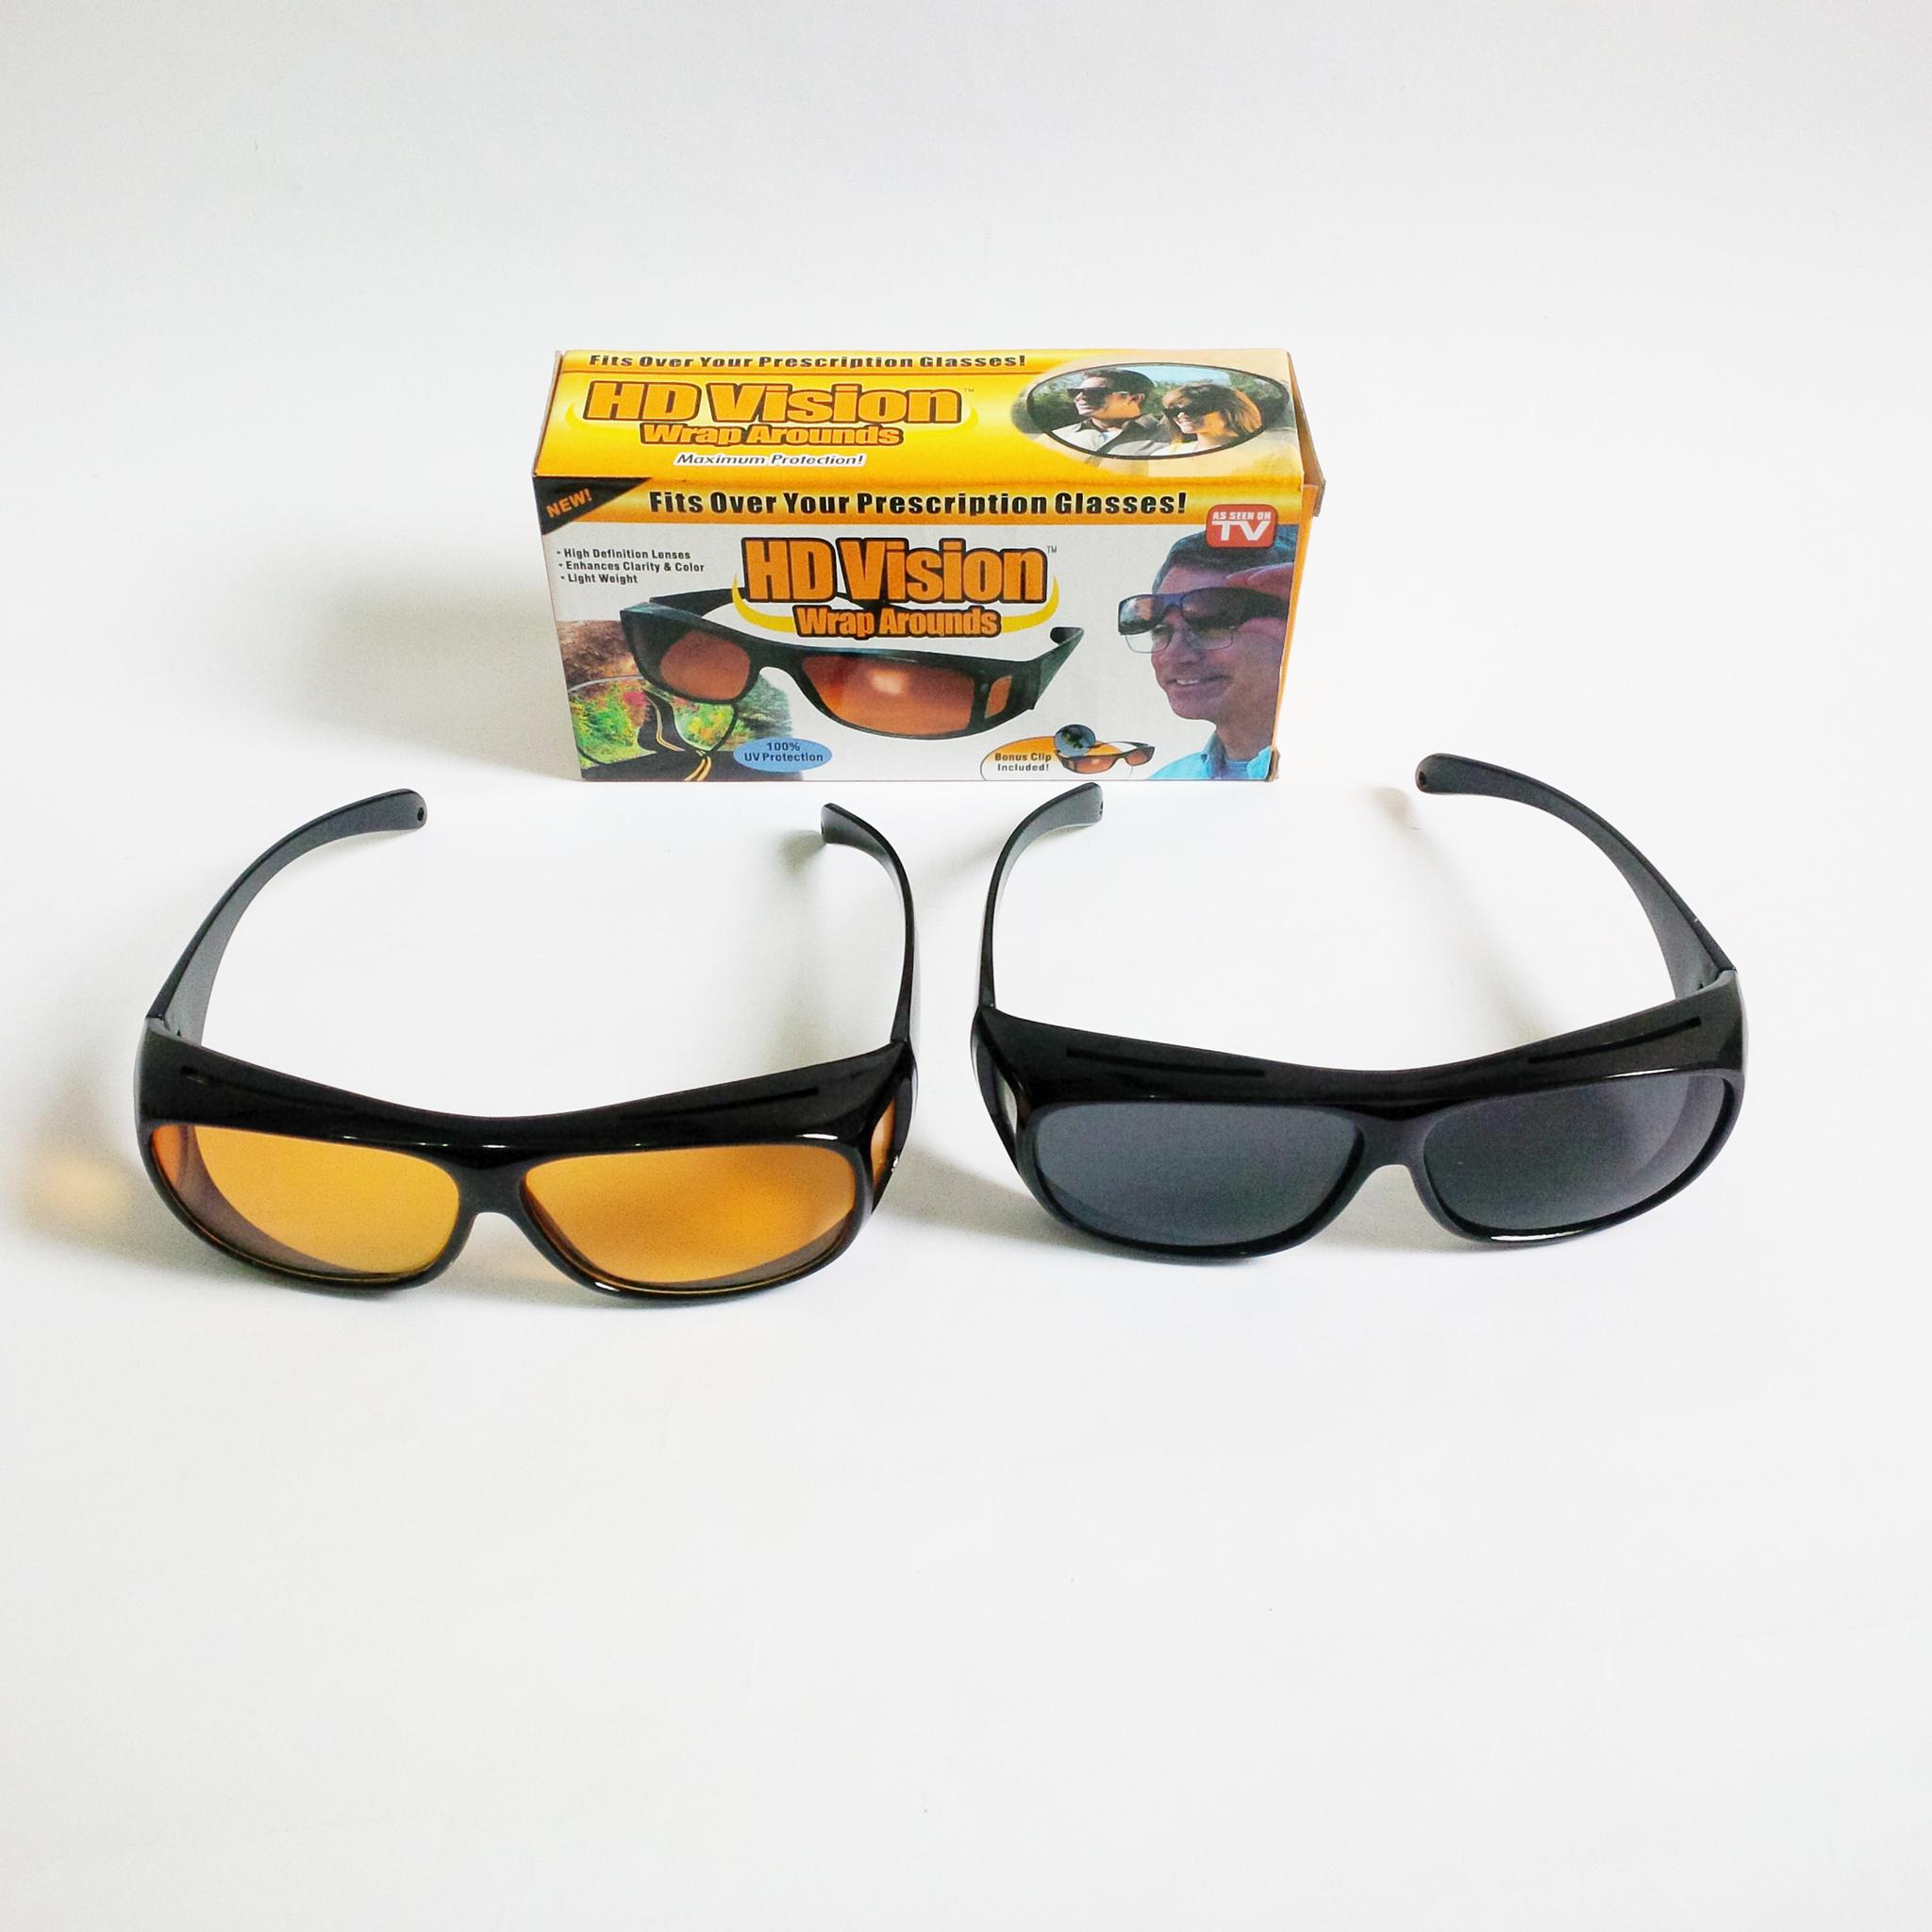 Jual Kaca Mata Hd Vision Obtain Di Tokopedia Sunglasses Isi 2 Pcs Kacamata Sunglass Wrap Arounds